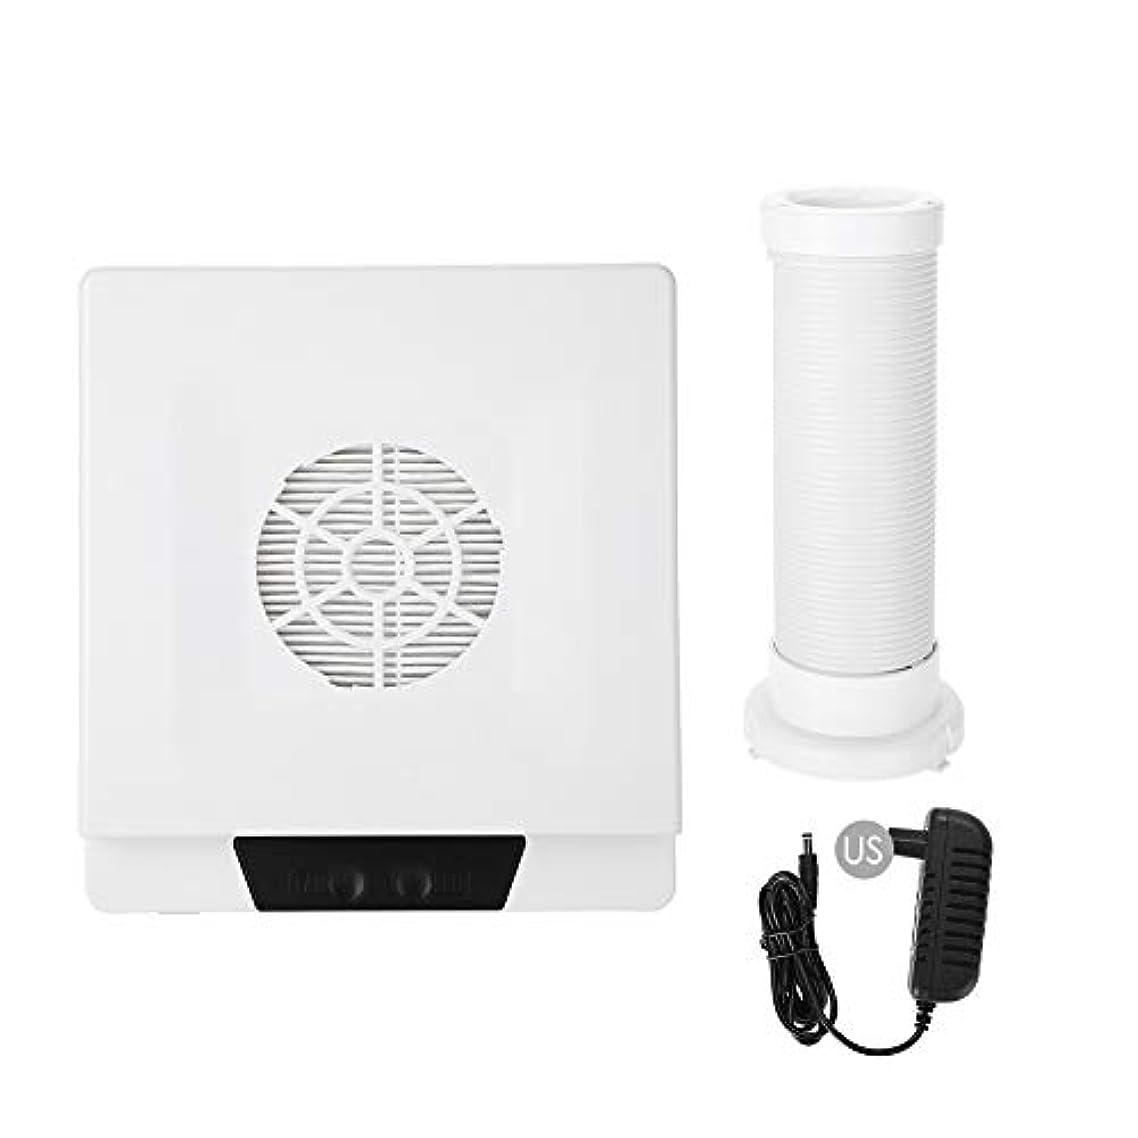 データムピニオン窓TOPINCN 60W 強い力 ネイルアートダストサクション ネイルアート集塵機 マニキュア掃除機 ネイルダストクリーナー(02)